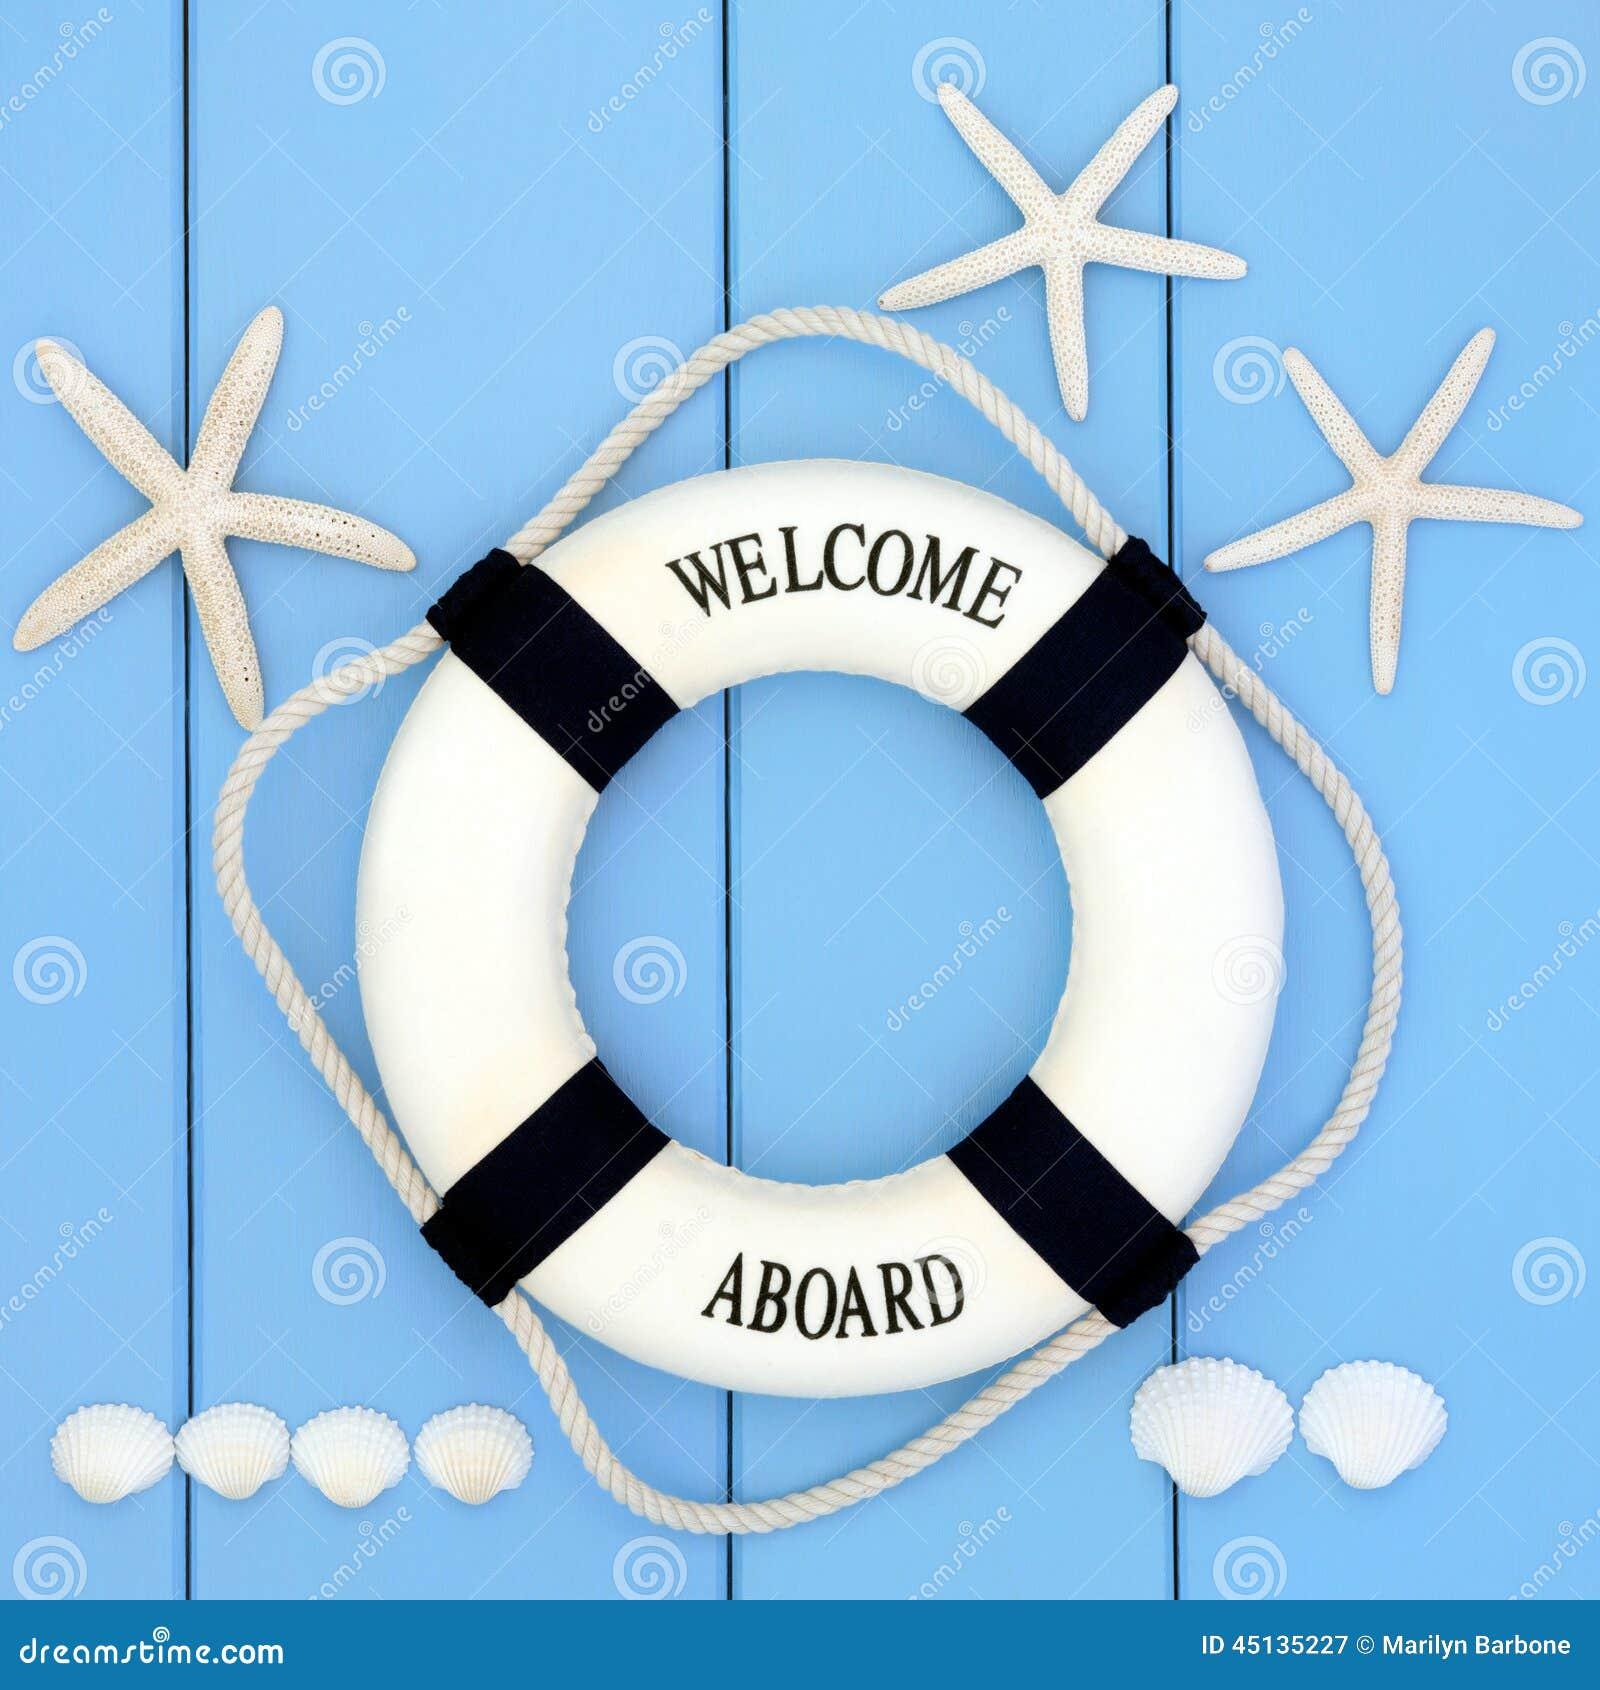 Seaside Lifebuoy